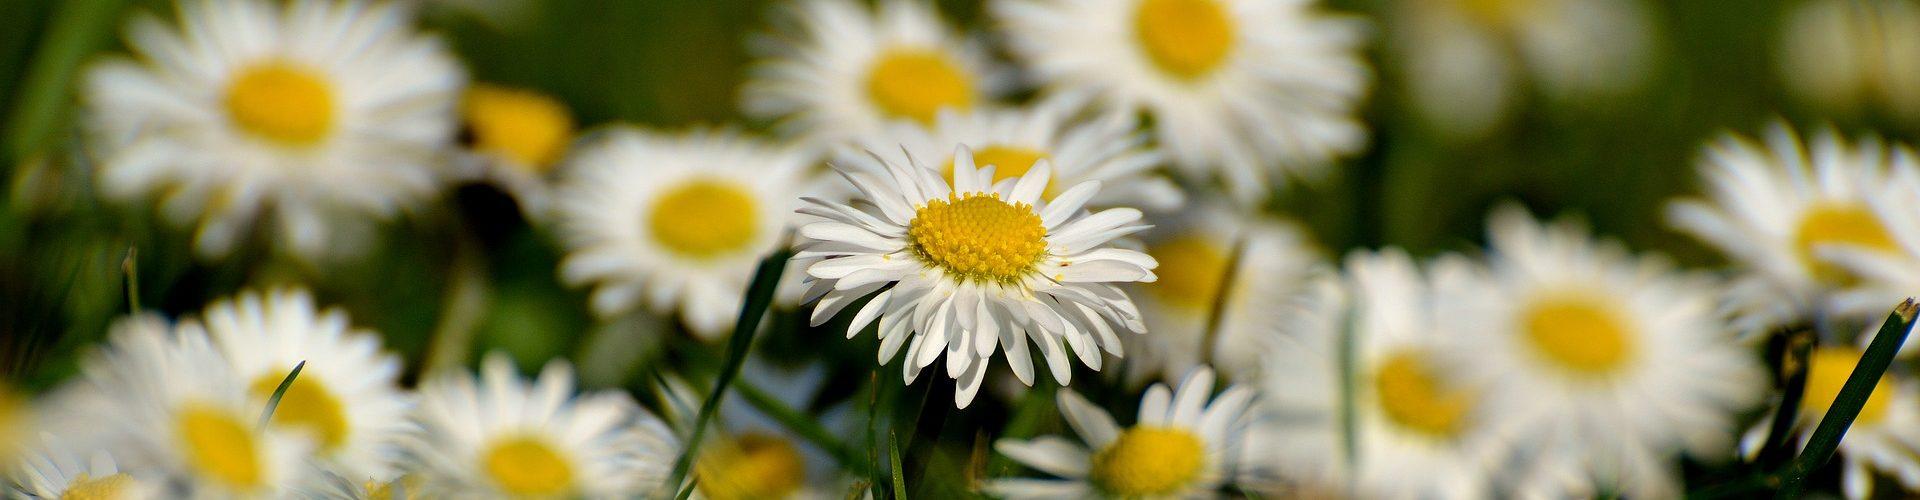 daisy-2288693_1920